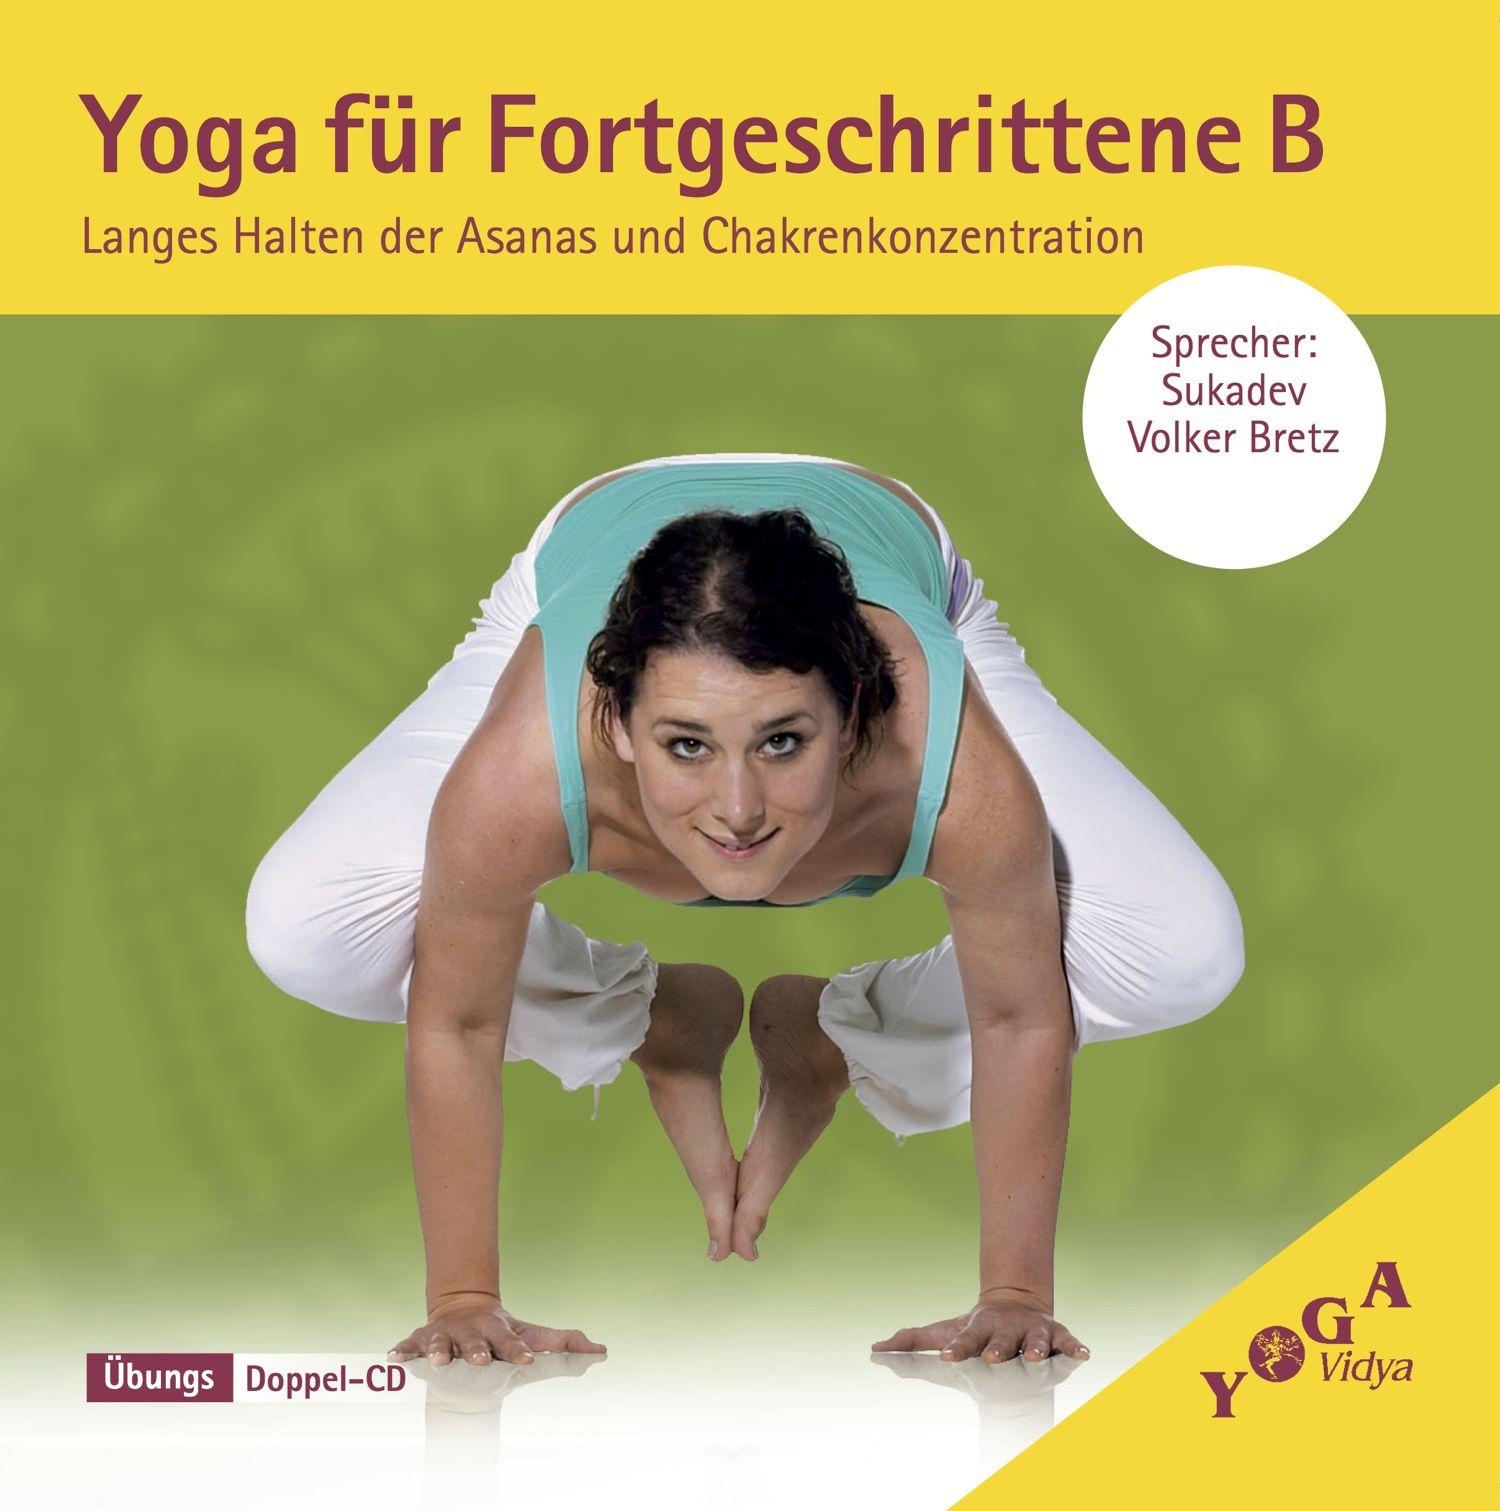 nutten de yoga stellungen fortgeschrittene